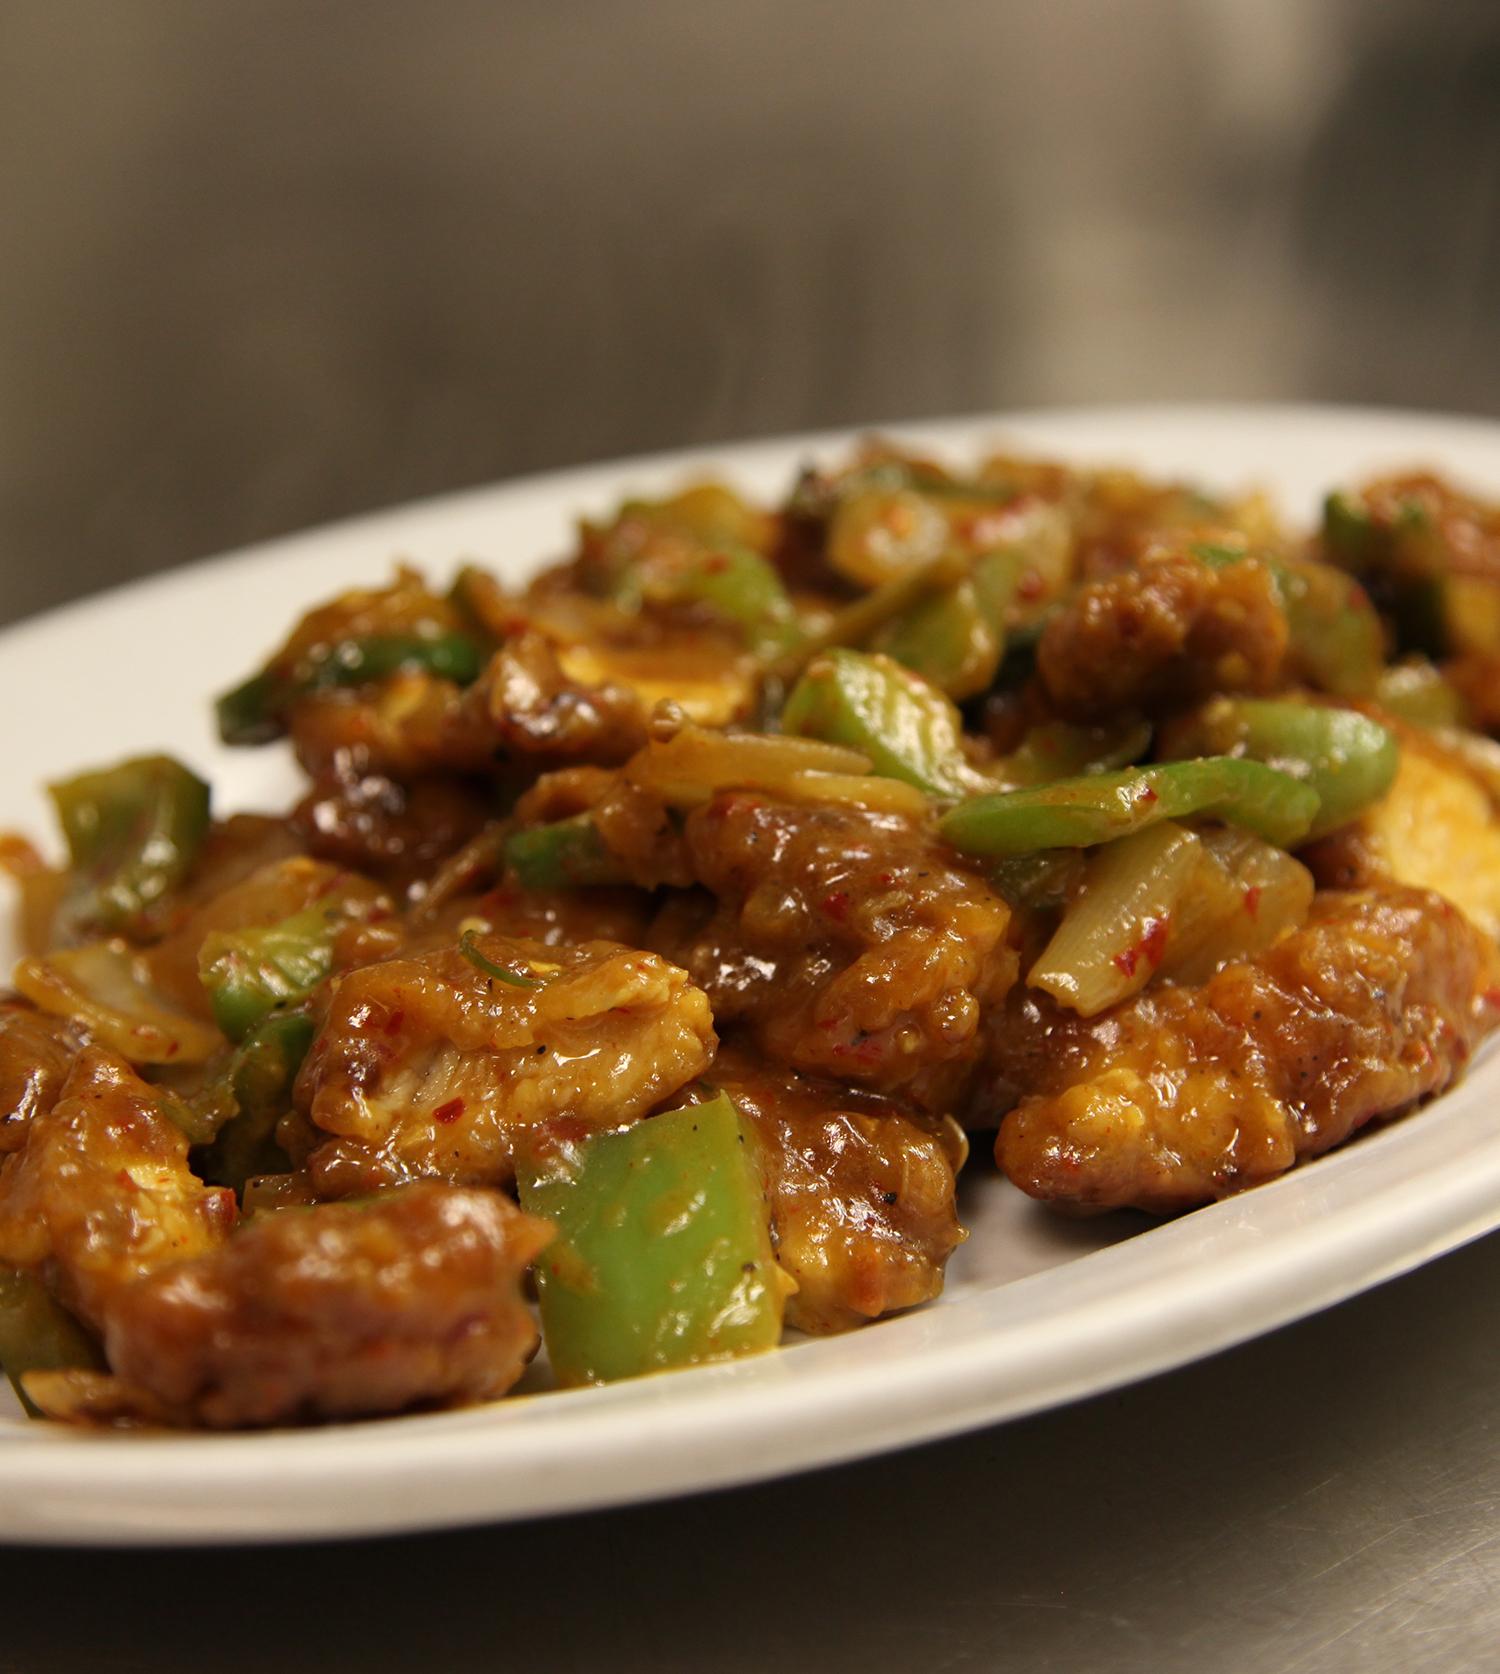 Chili Chicken Stirfry